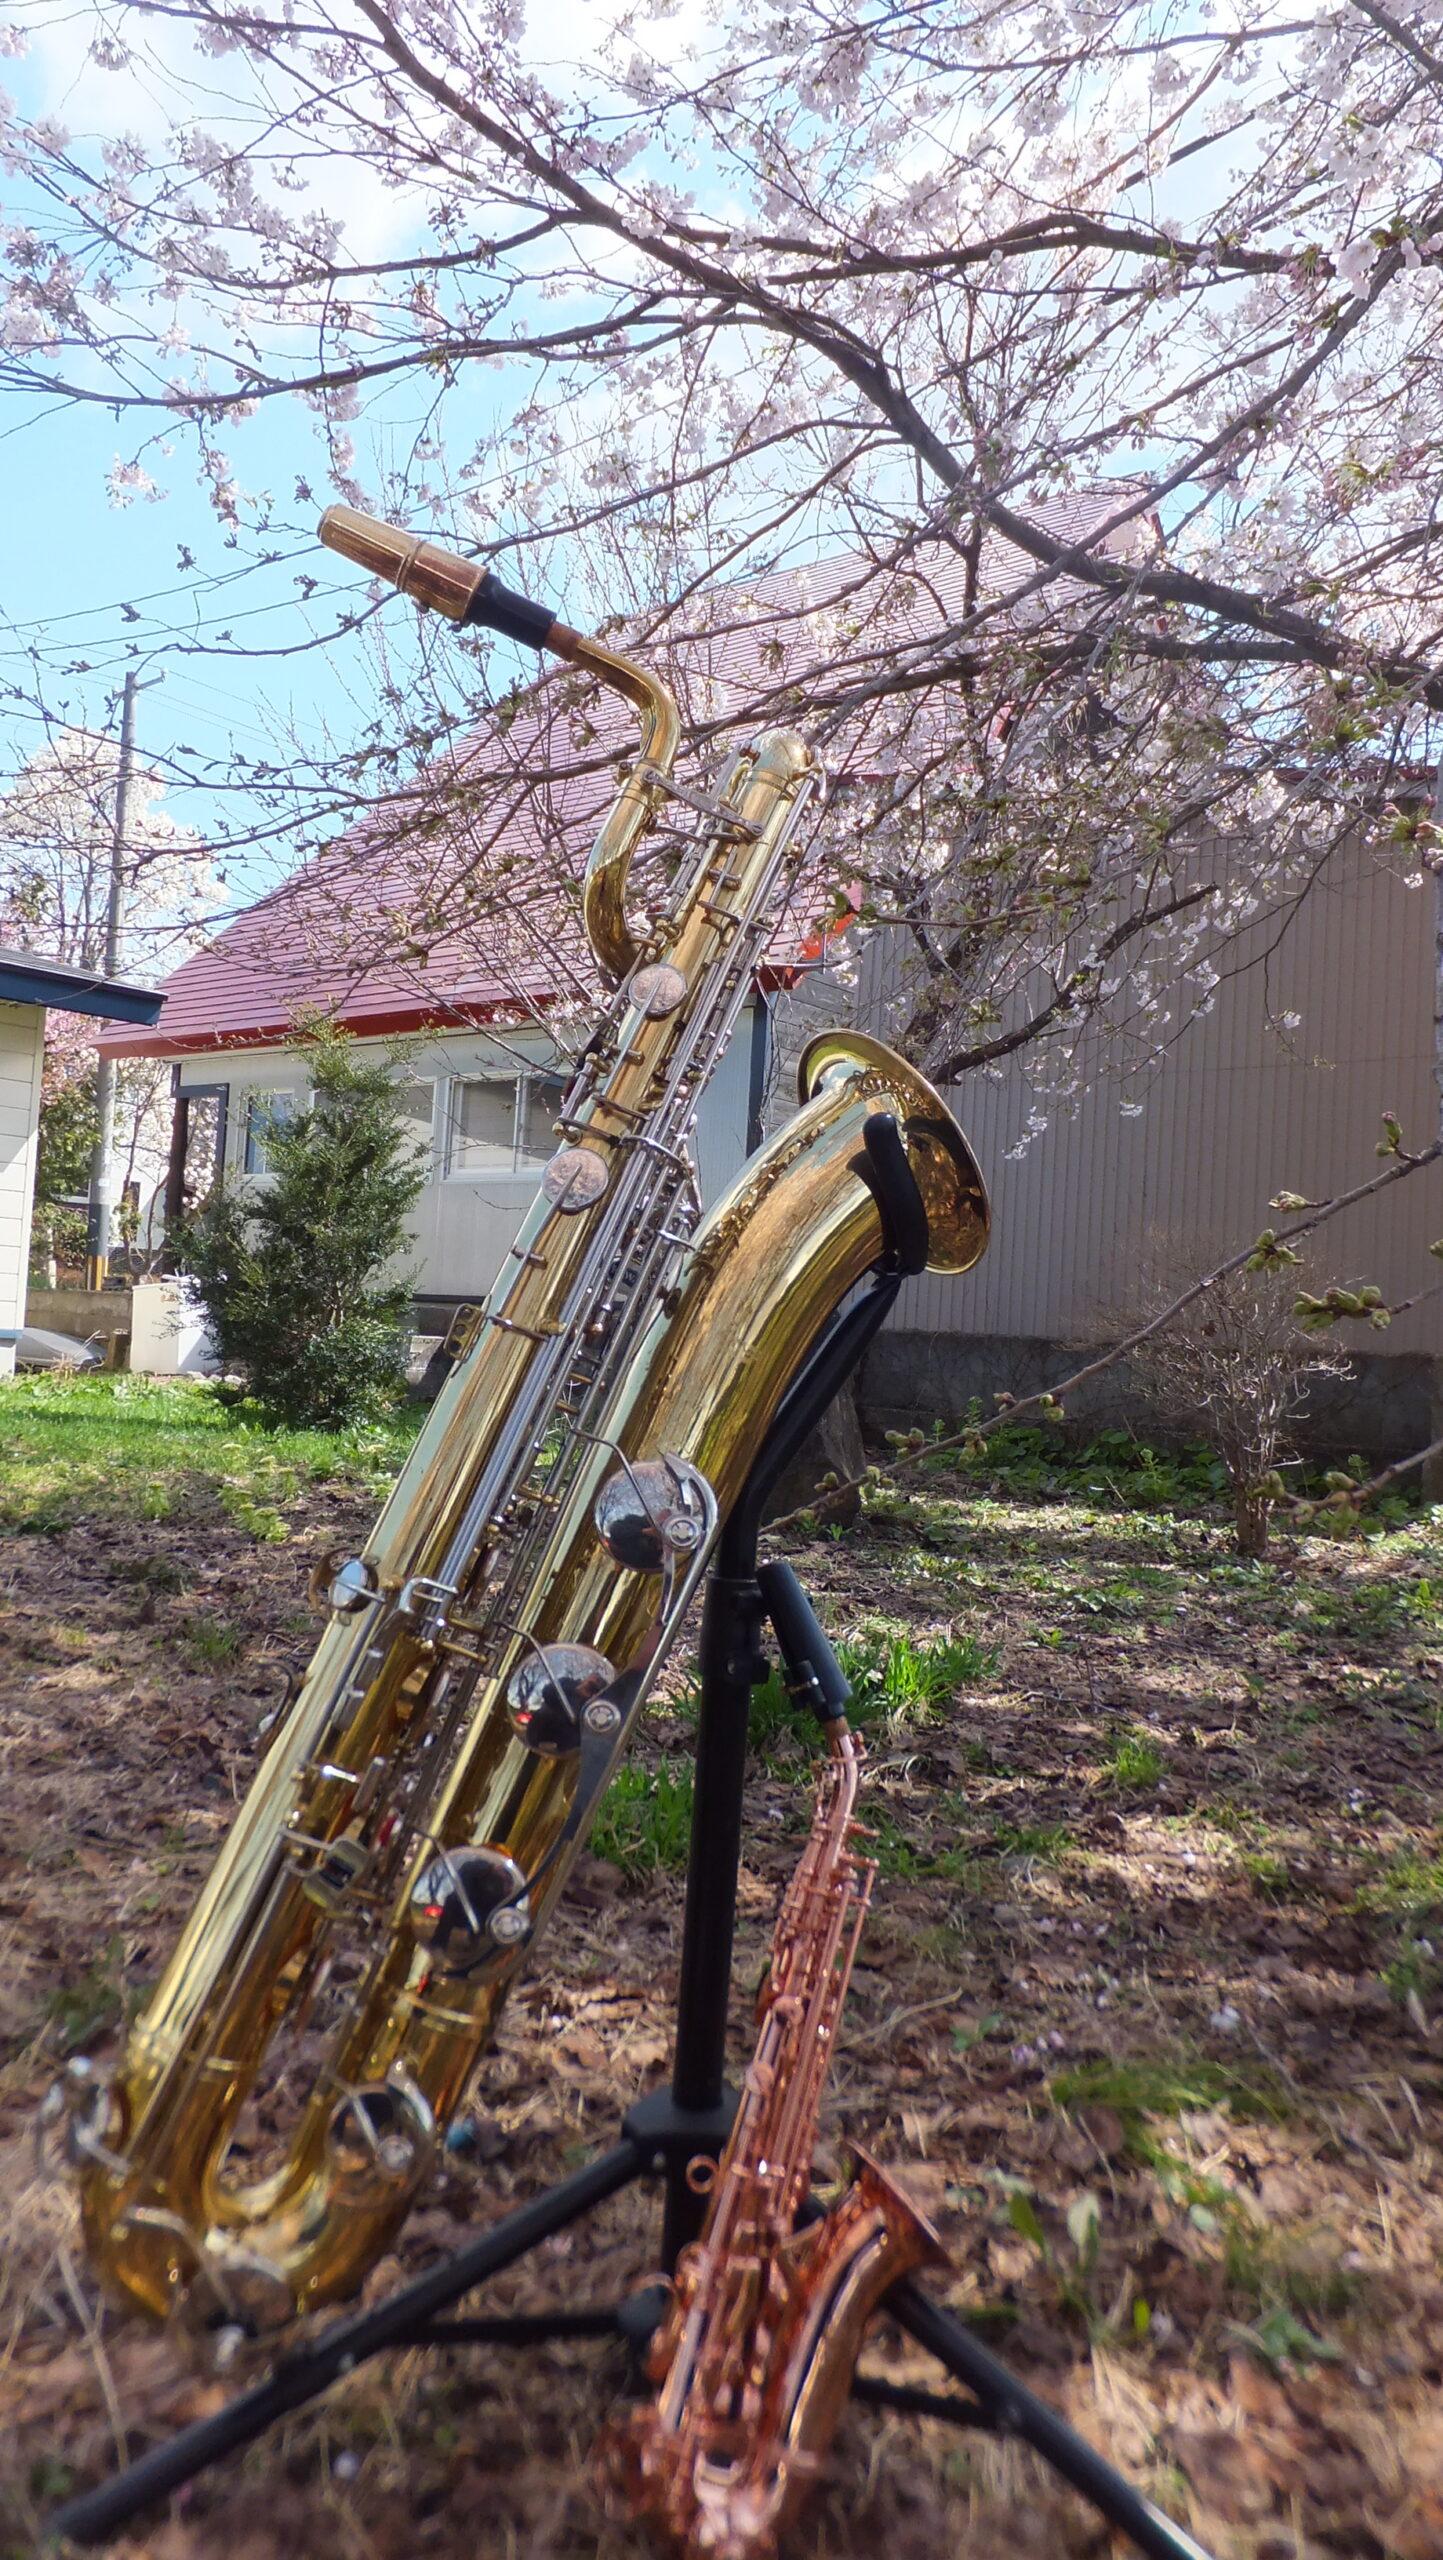 藤間知枝の自宅「藤間流・日本舞踊稽古場」の庭に咲いた小桜達が踊っています。